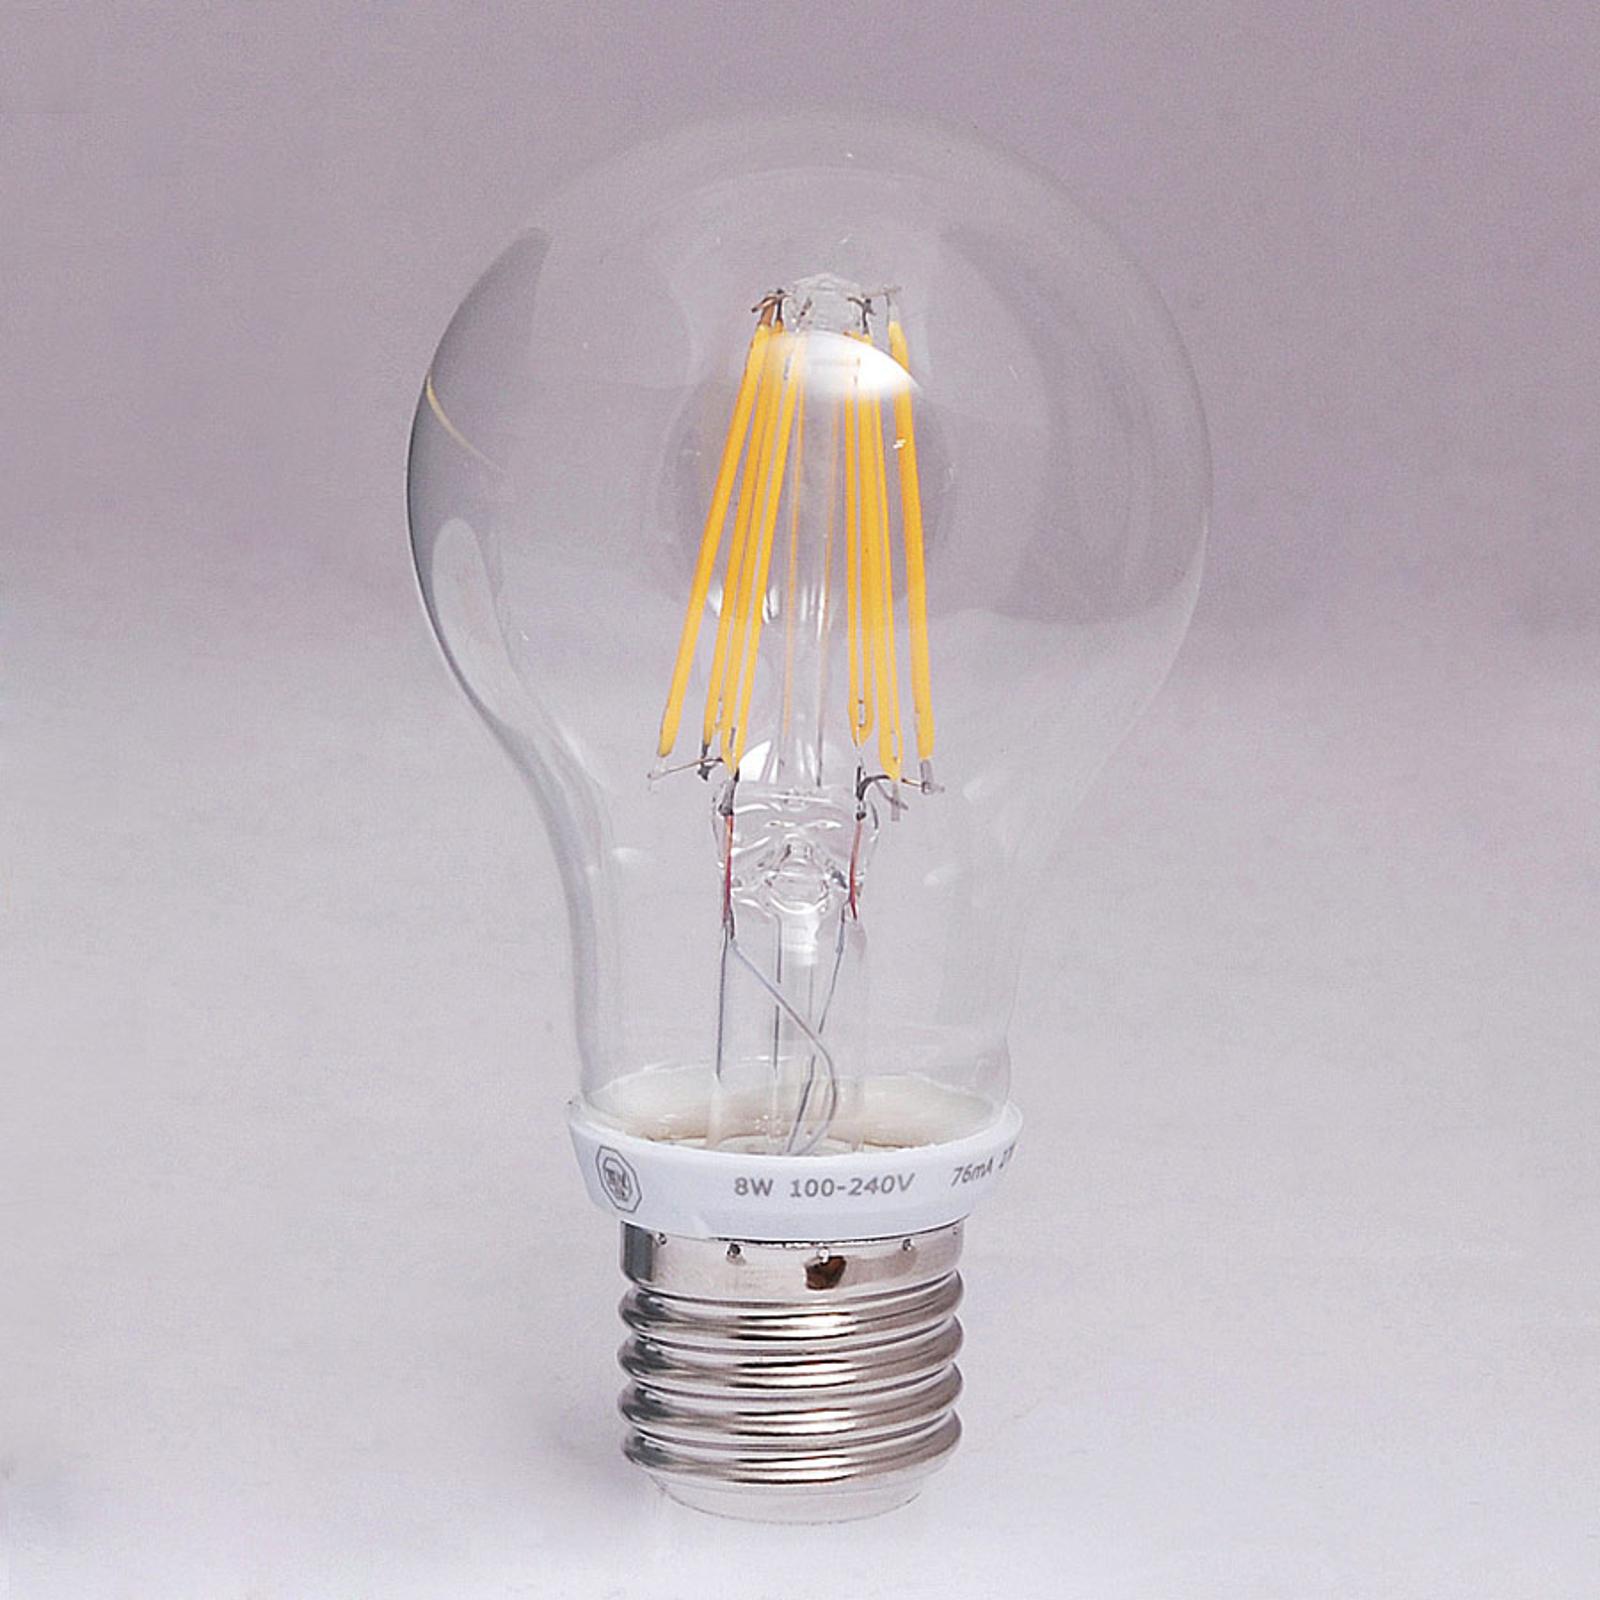 E27 8W 827 LED-Filament Lampe